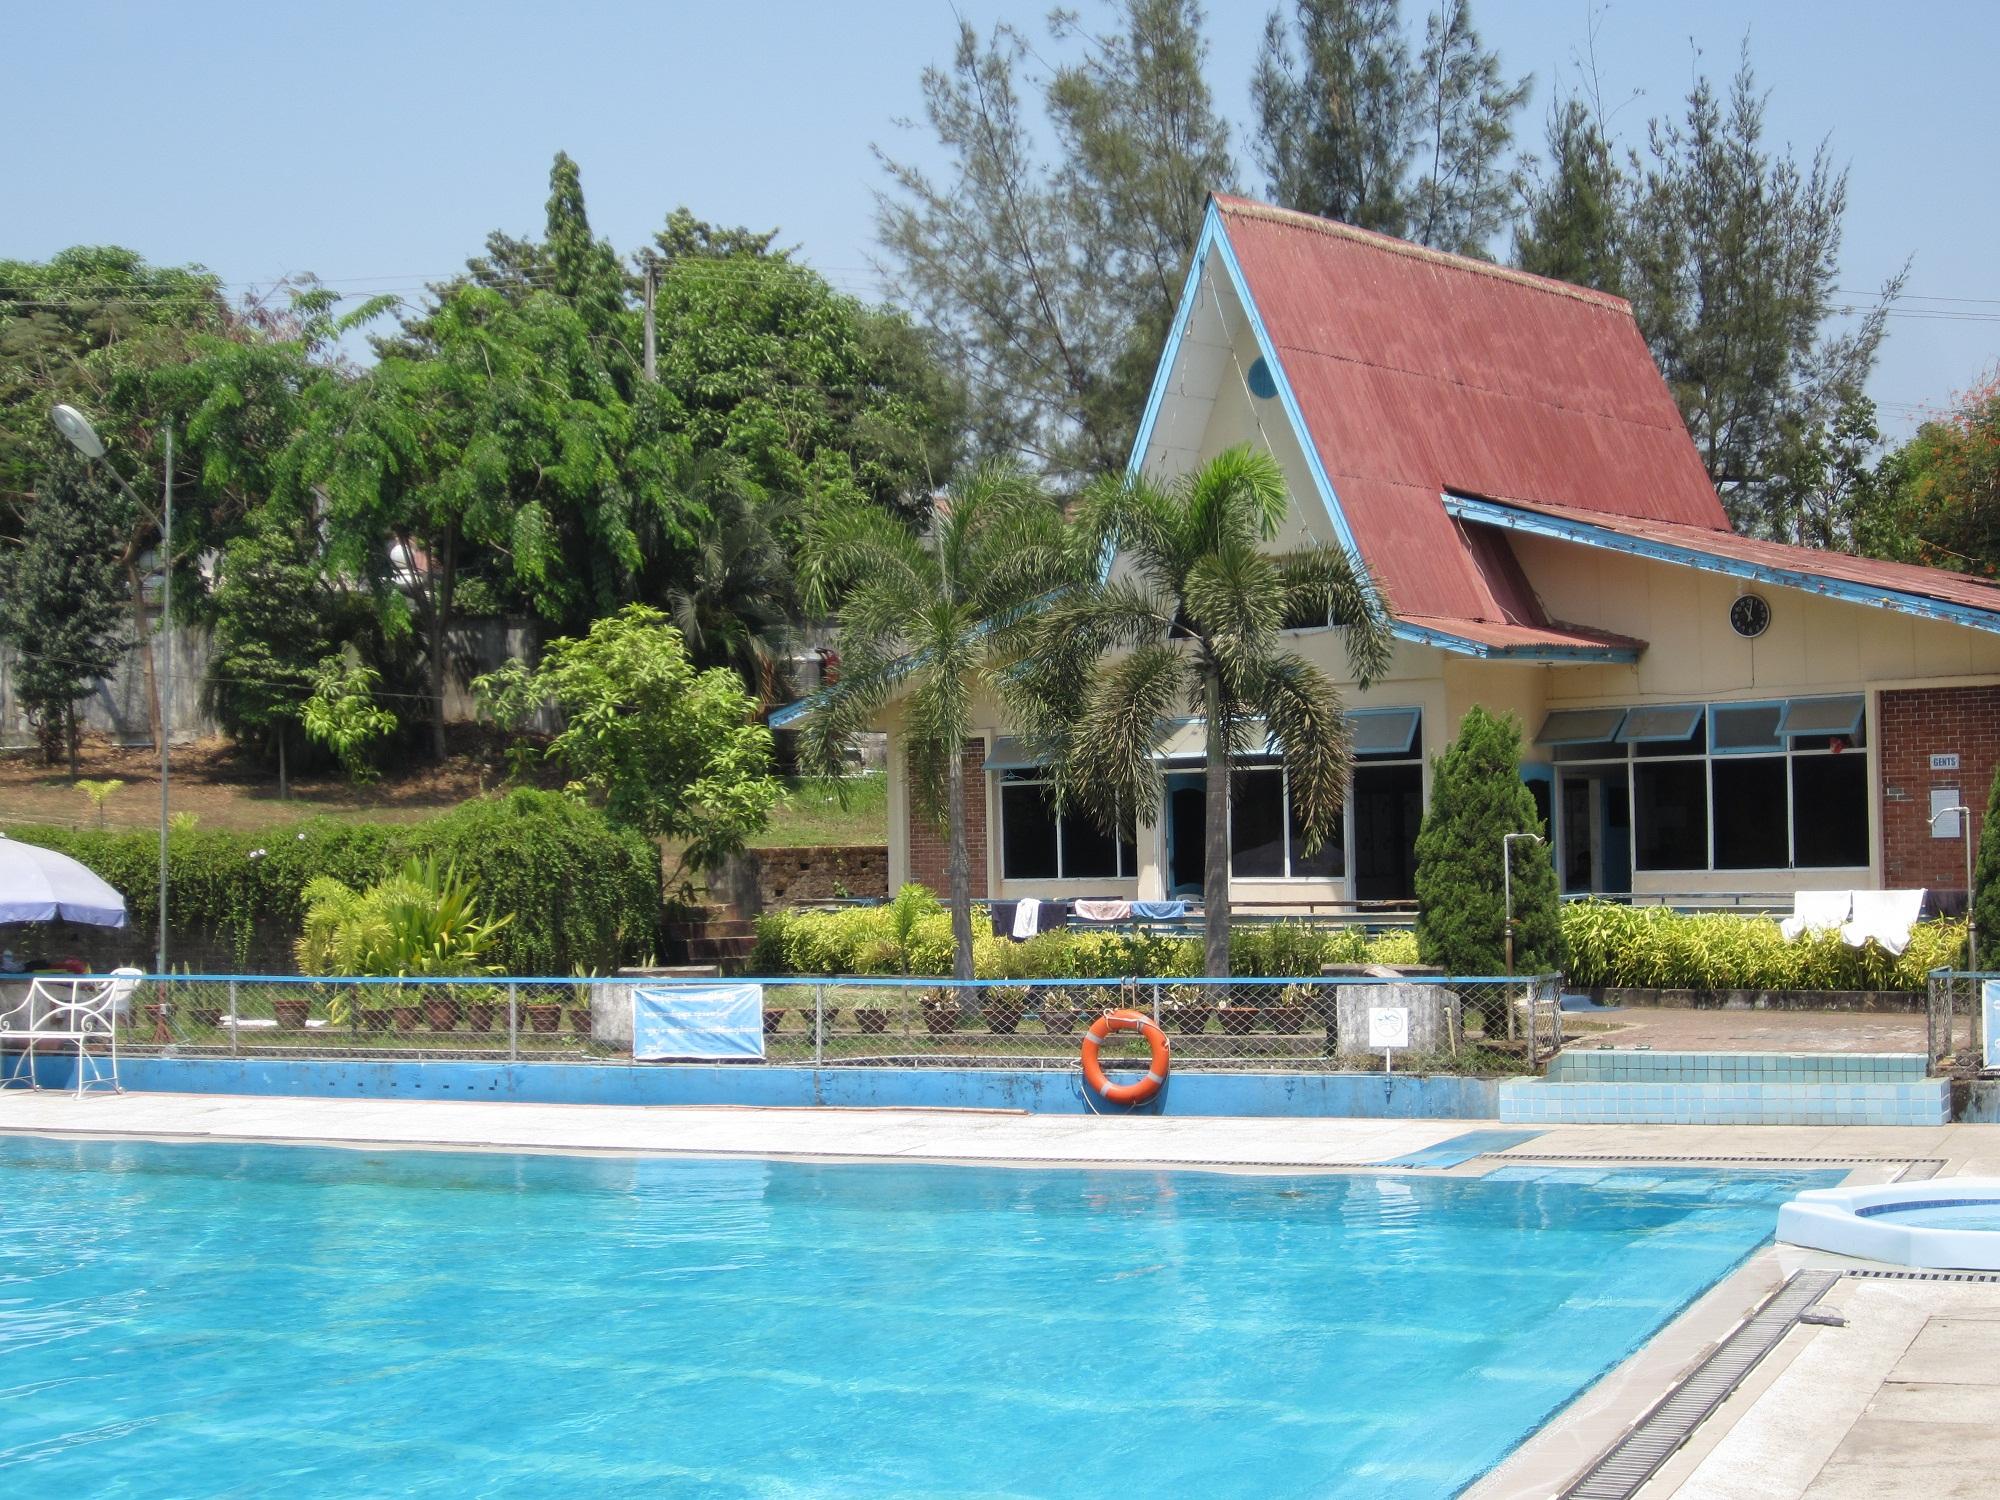 Swimming Pool Pros And Cons Gunite Versus Fiberglass